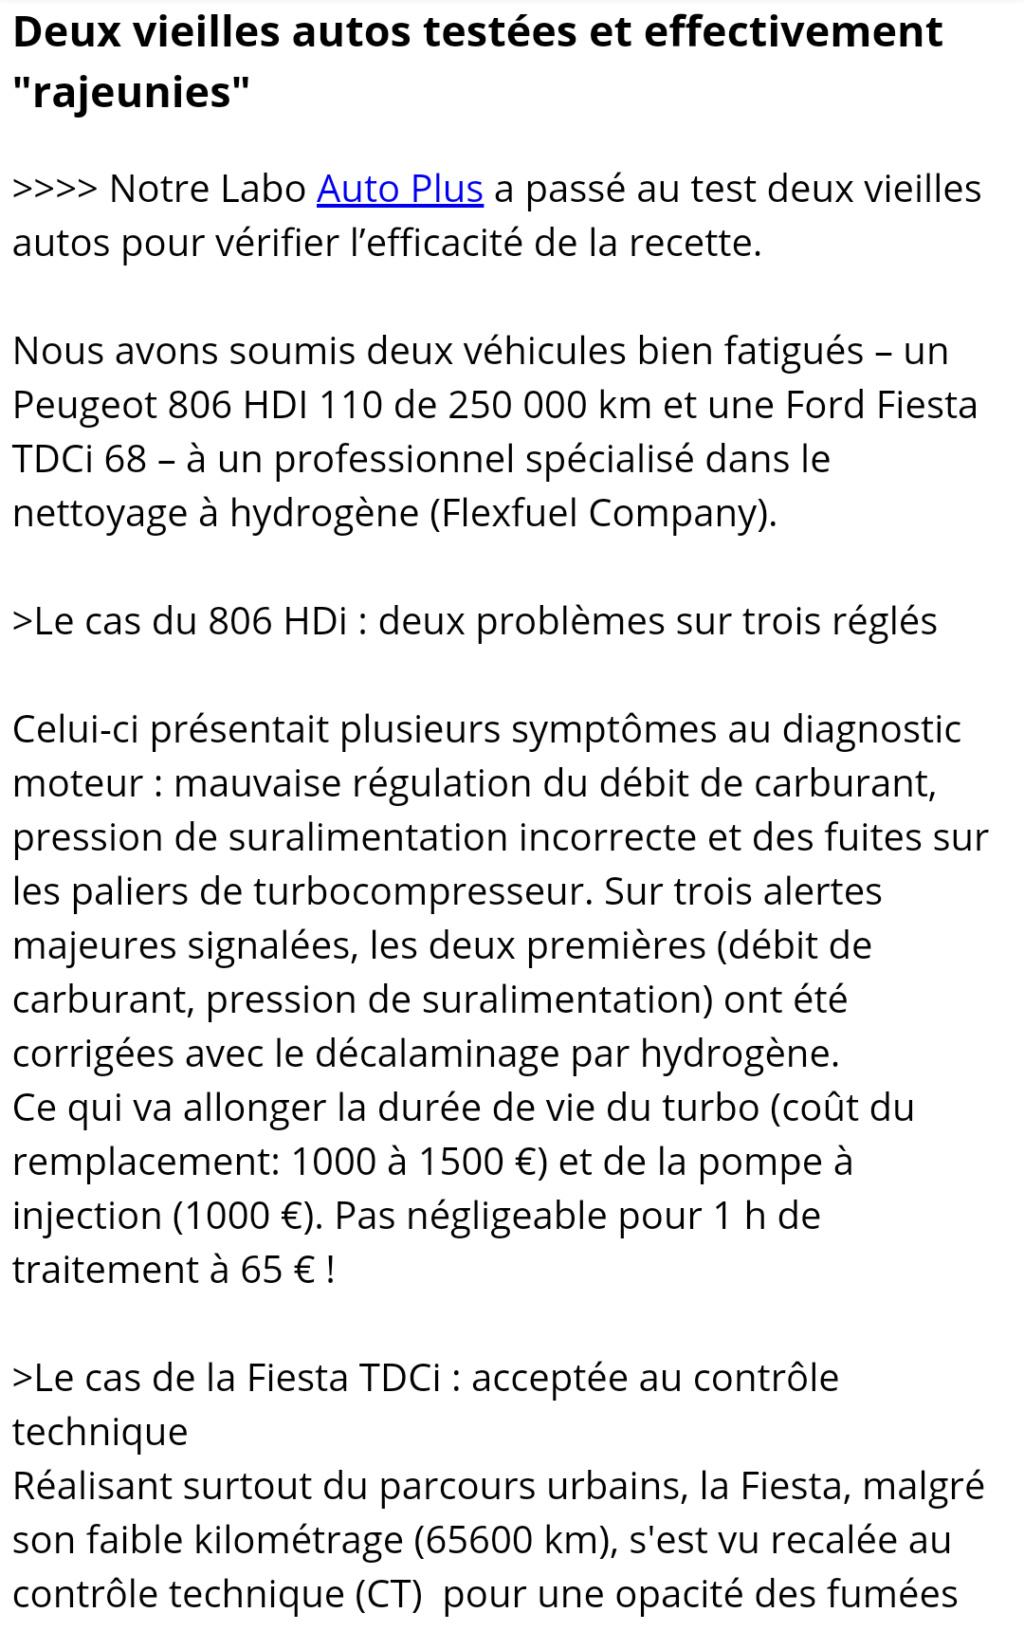 QUE SAVOIR SUR LE DECALAMINAGE PAR STATION HYDROGENE AUTOMOBILE Screen18